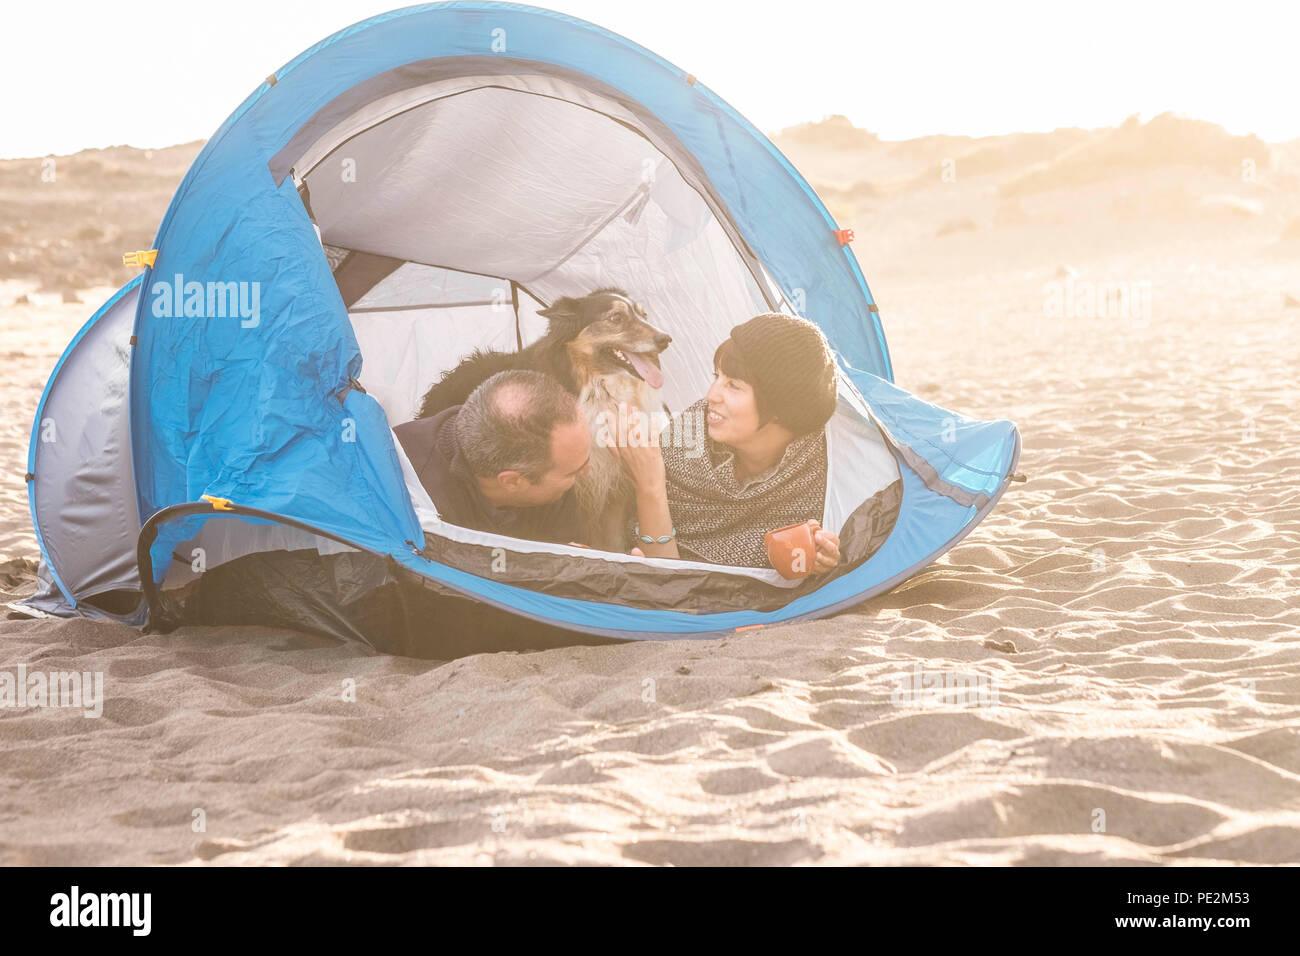 Couple dans une activité de loisirs camping libre de s'amuser à l'intérieur petite maison à la plage. Chien border collie derrière eux avec l'amour et l'amitié pour toujours Photo Stock